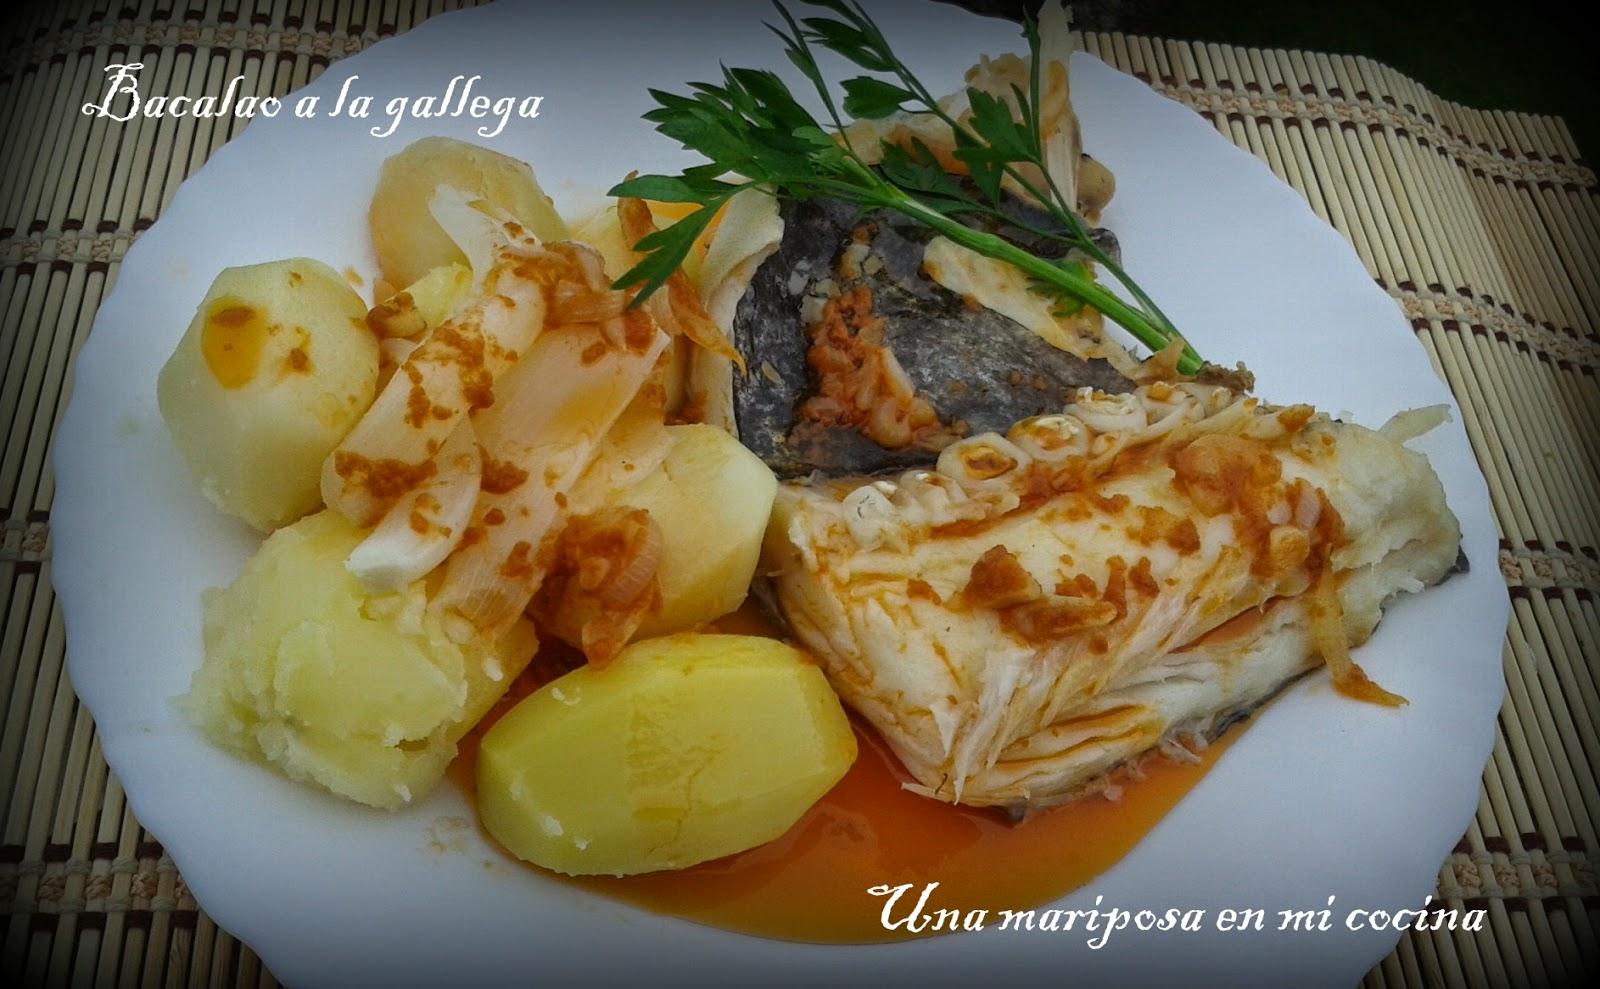 Bacalao con patatas a la gallega recetas de cocina for Cocina bacalao con patatas